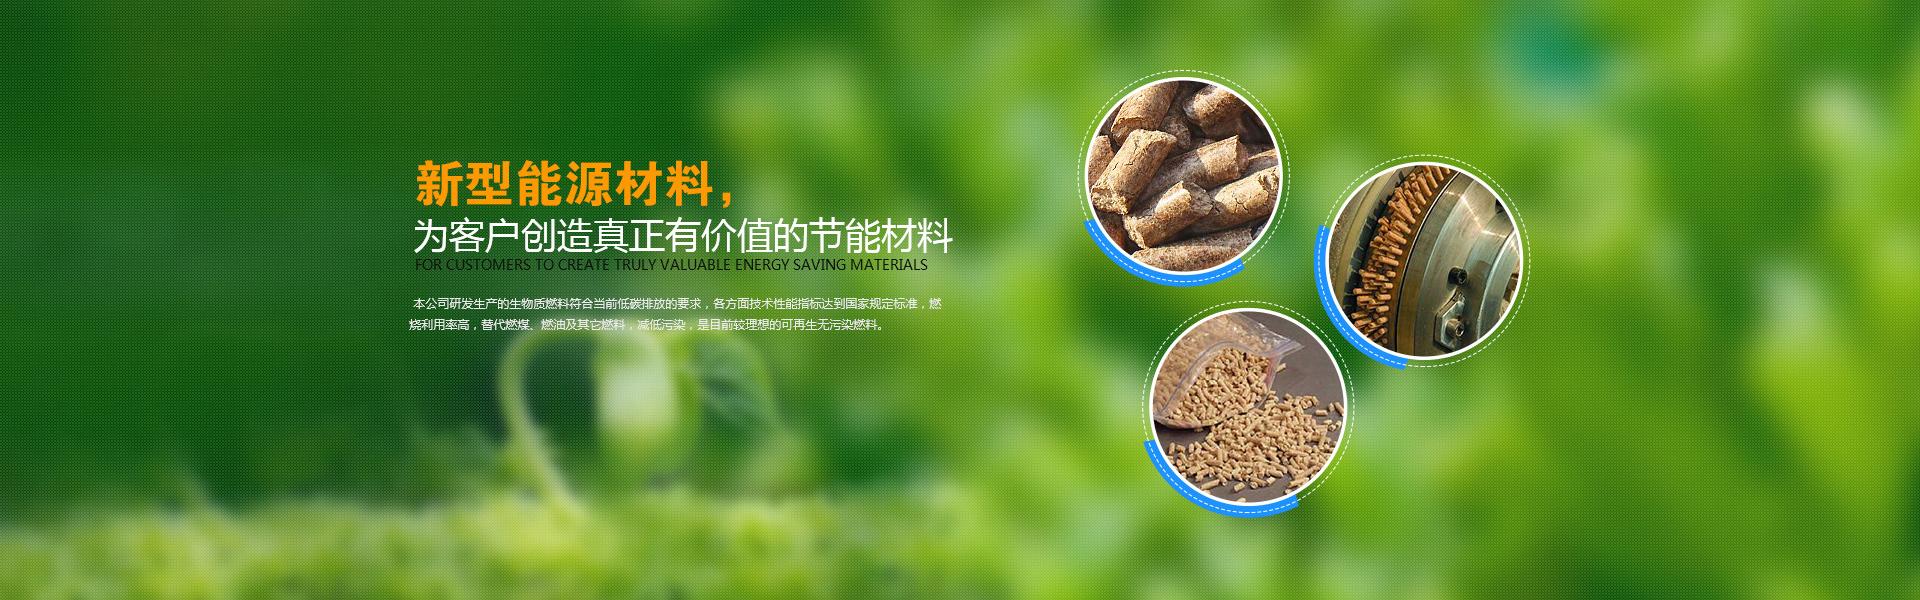 黔西南betvictor32mobi伟德国际亚洲中文网